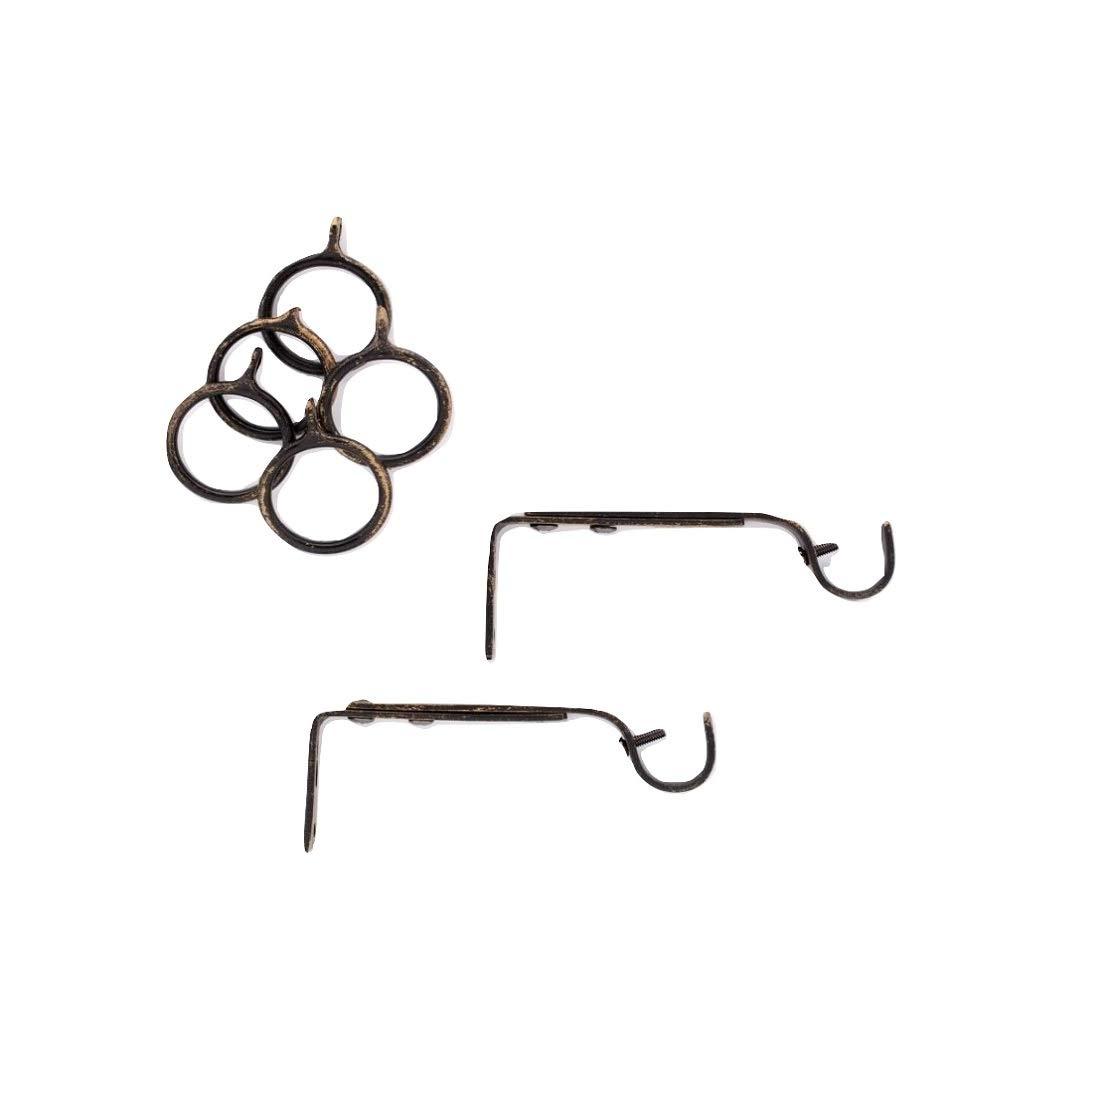 Linea Oro Bastone Tenda Estensibile Ferro Nero Rame - da cm 110 a cm 200 Spirale